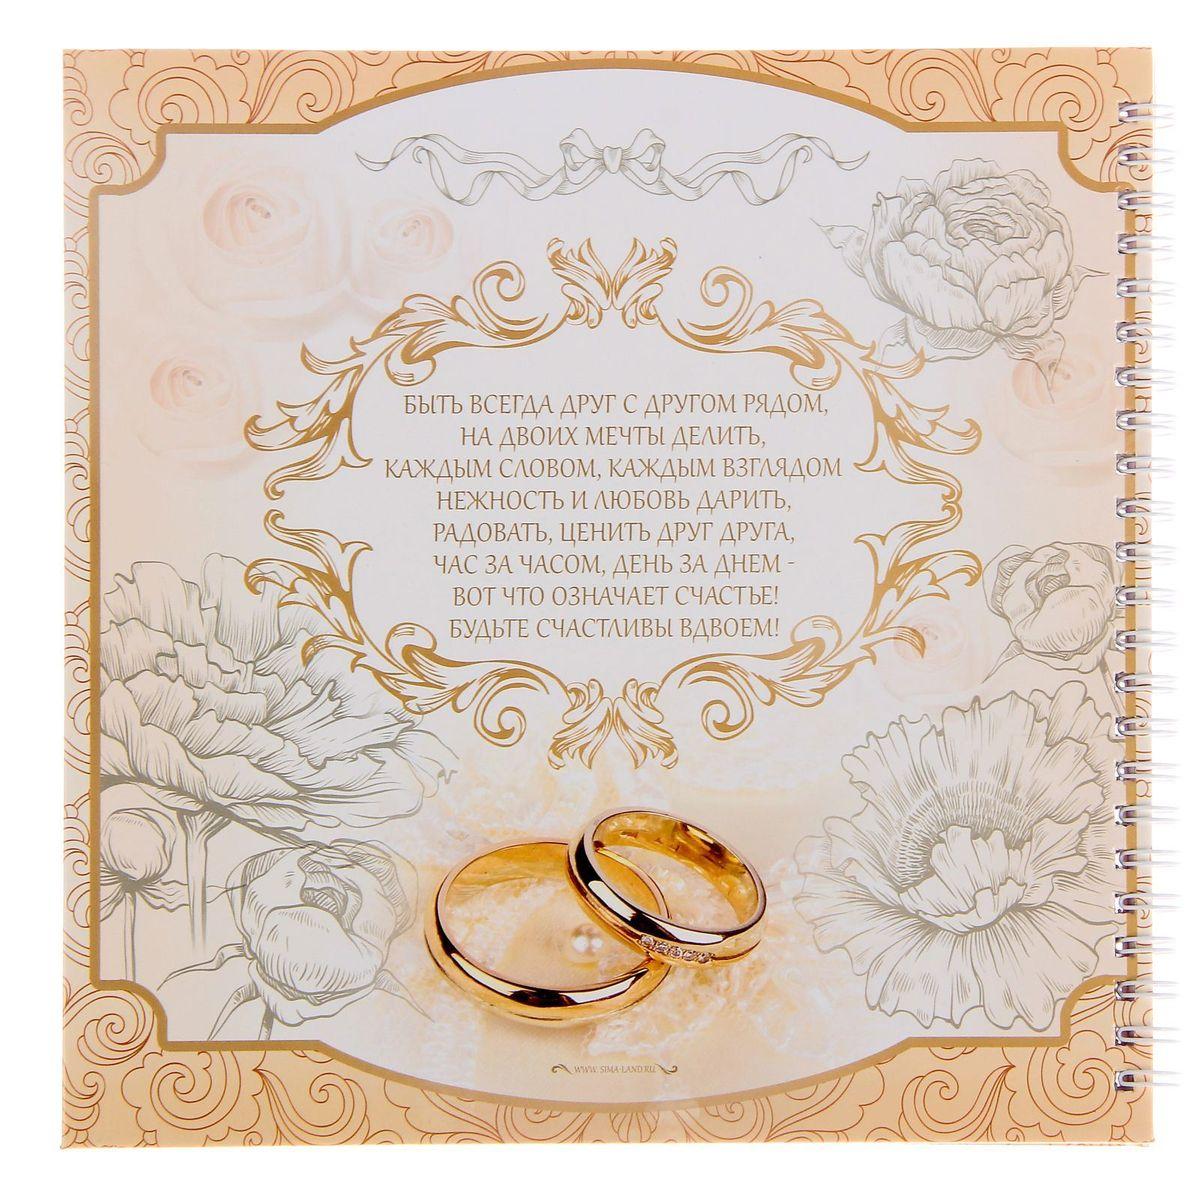 Очень красивые поздравления на свадьбу для дочери